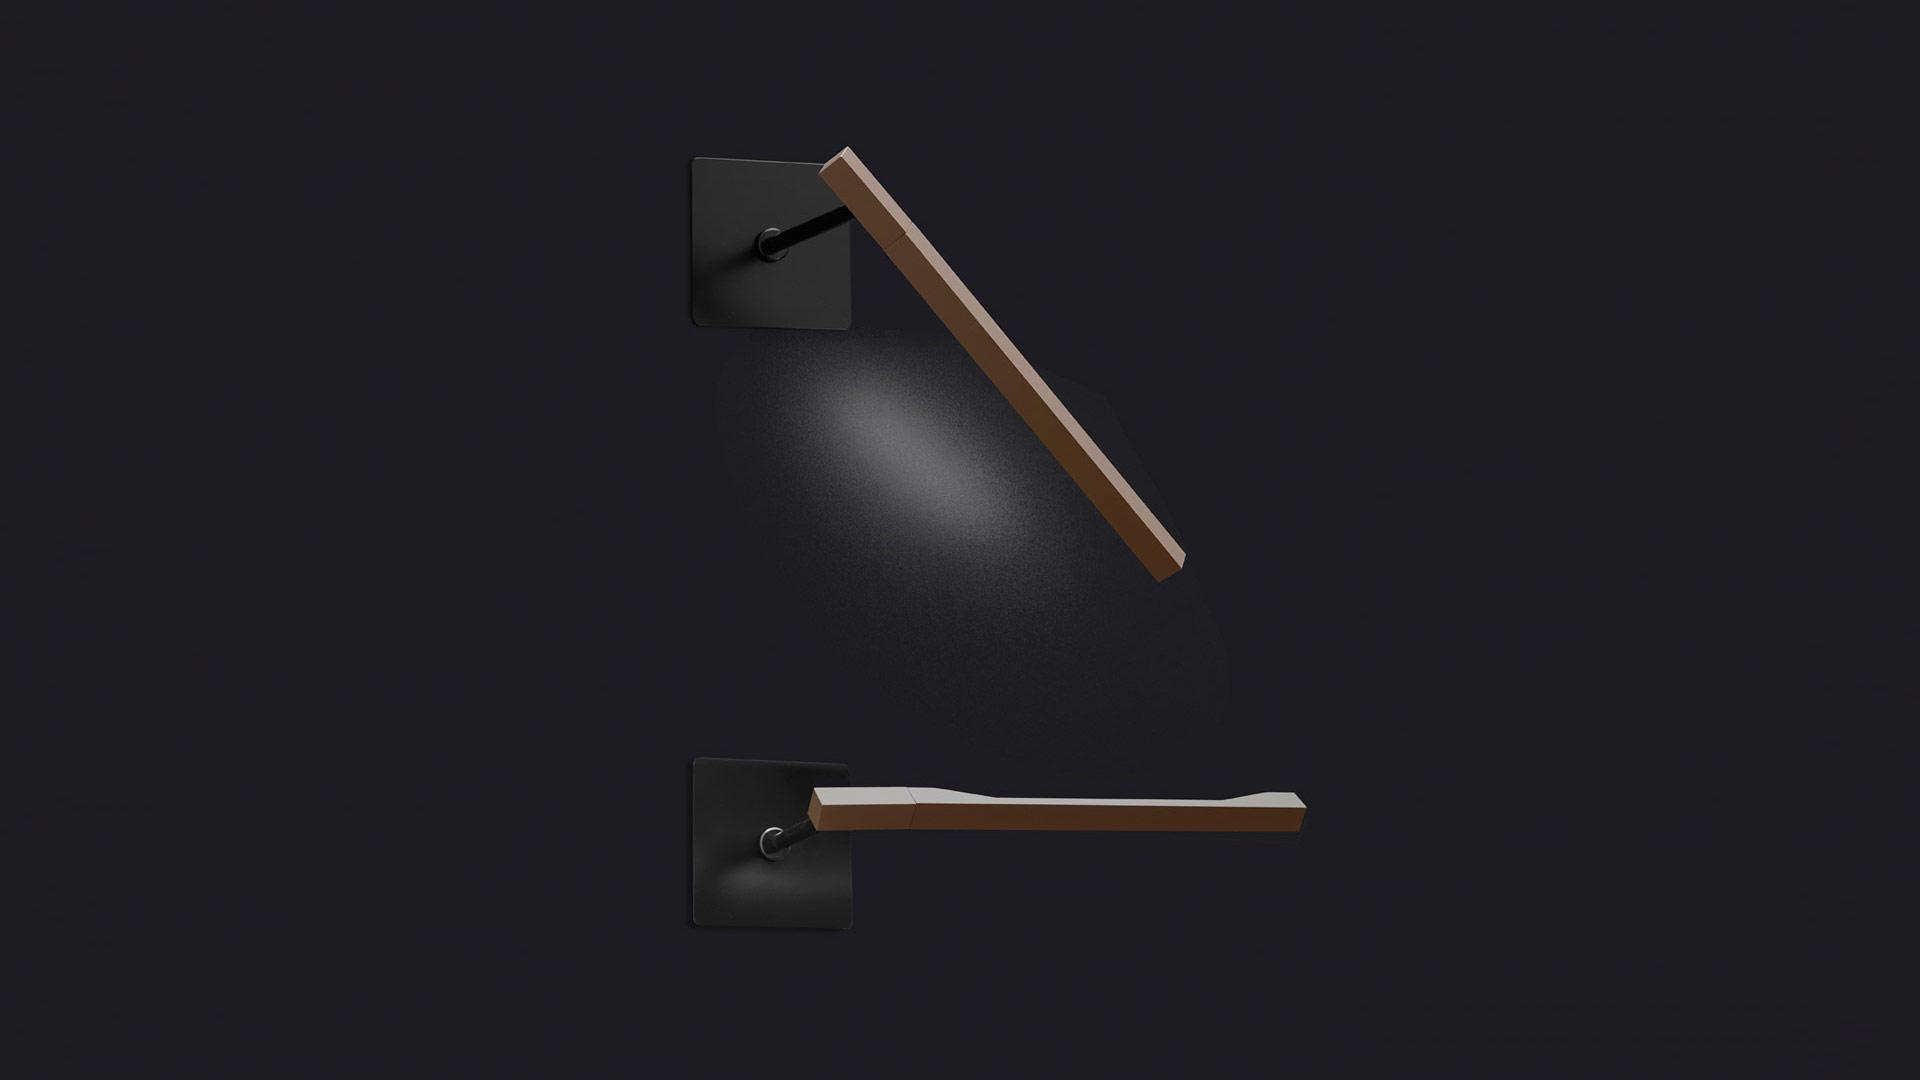 Ilo 187 - design David Lopez Quincoces